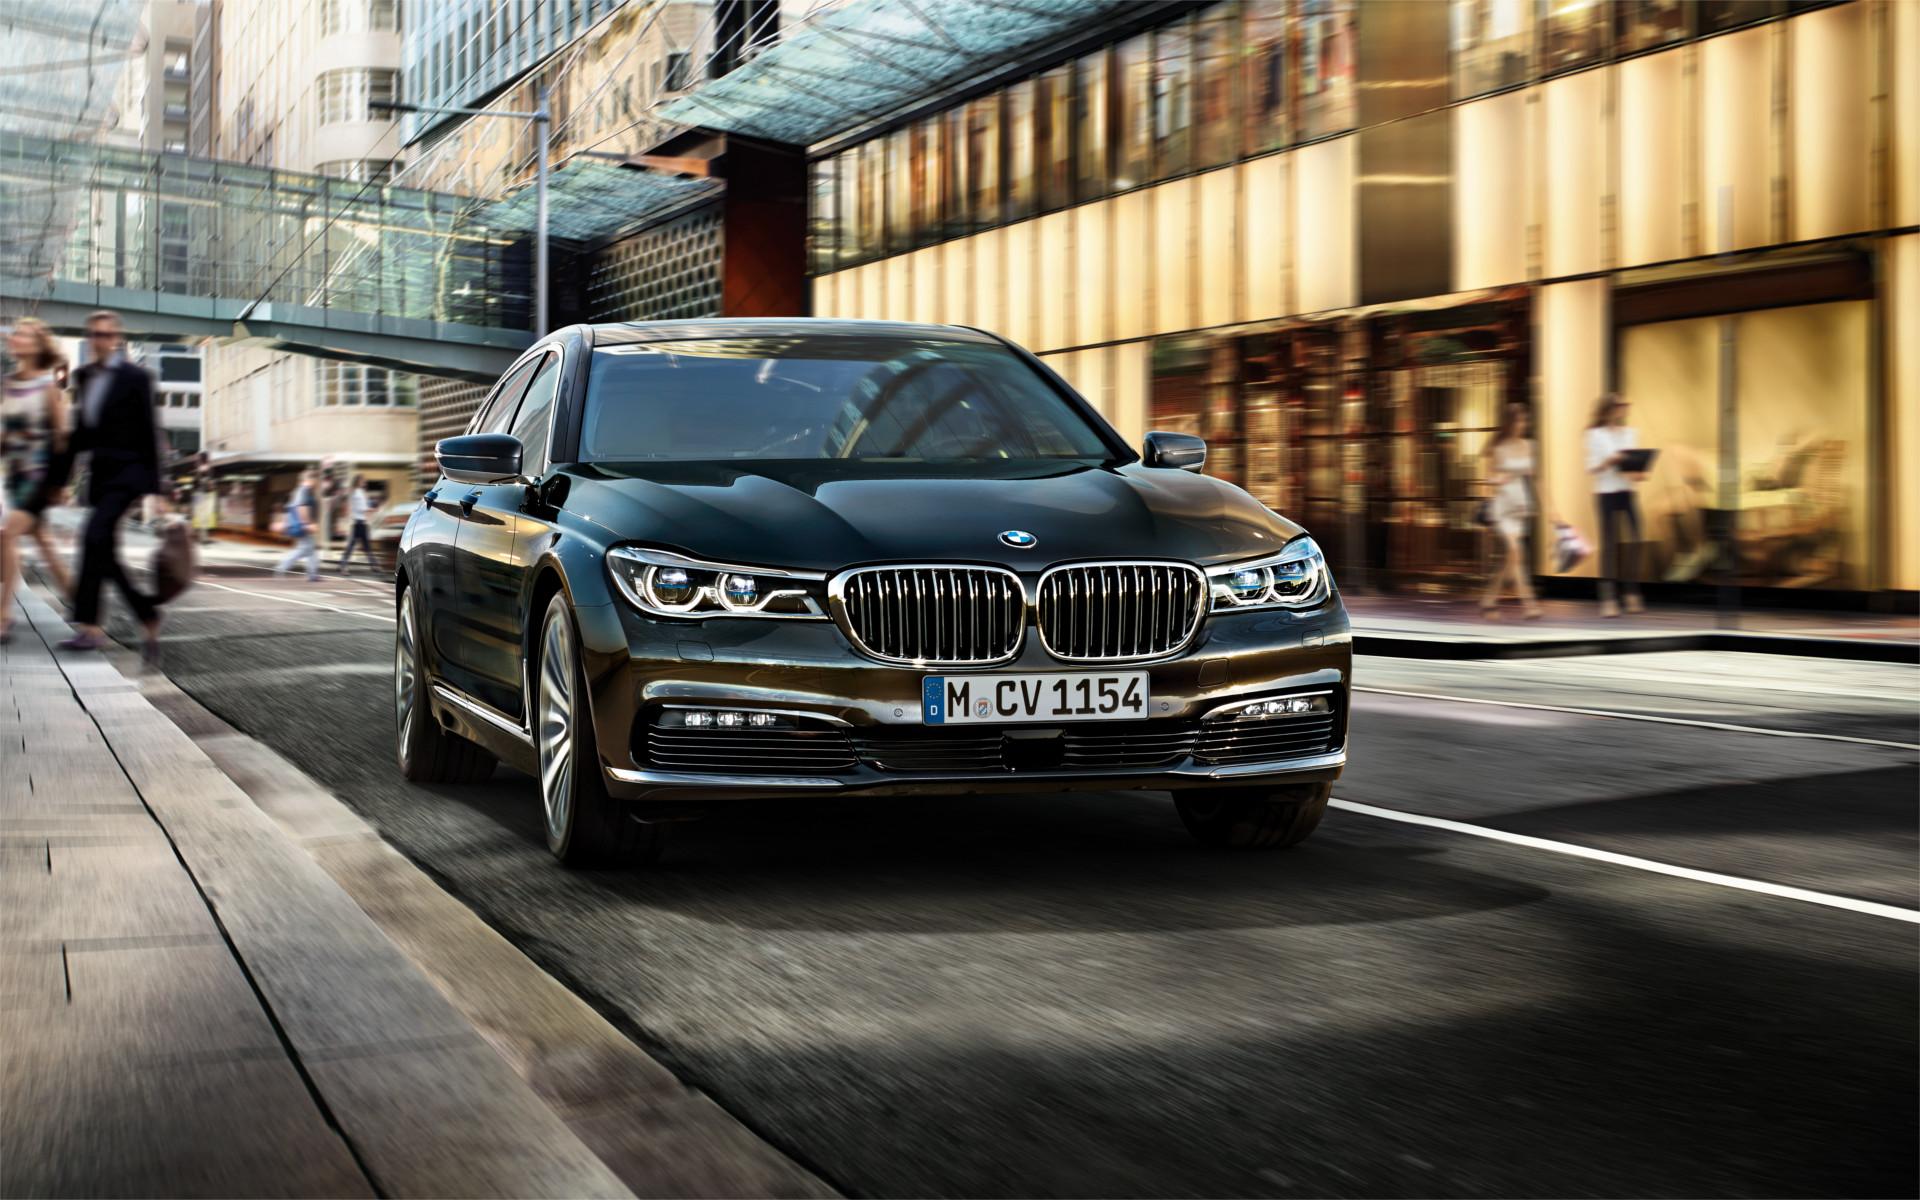 BMW Series 7 ที่สุดแห่งโปรโมชั่น